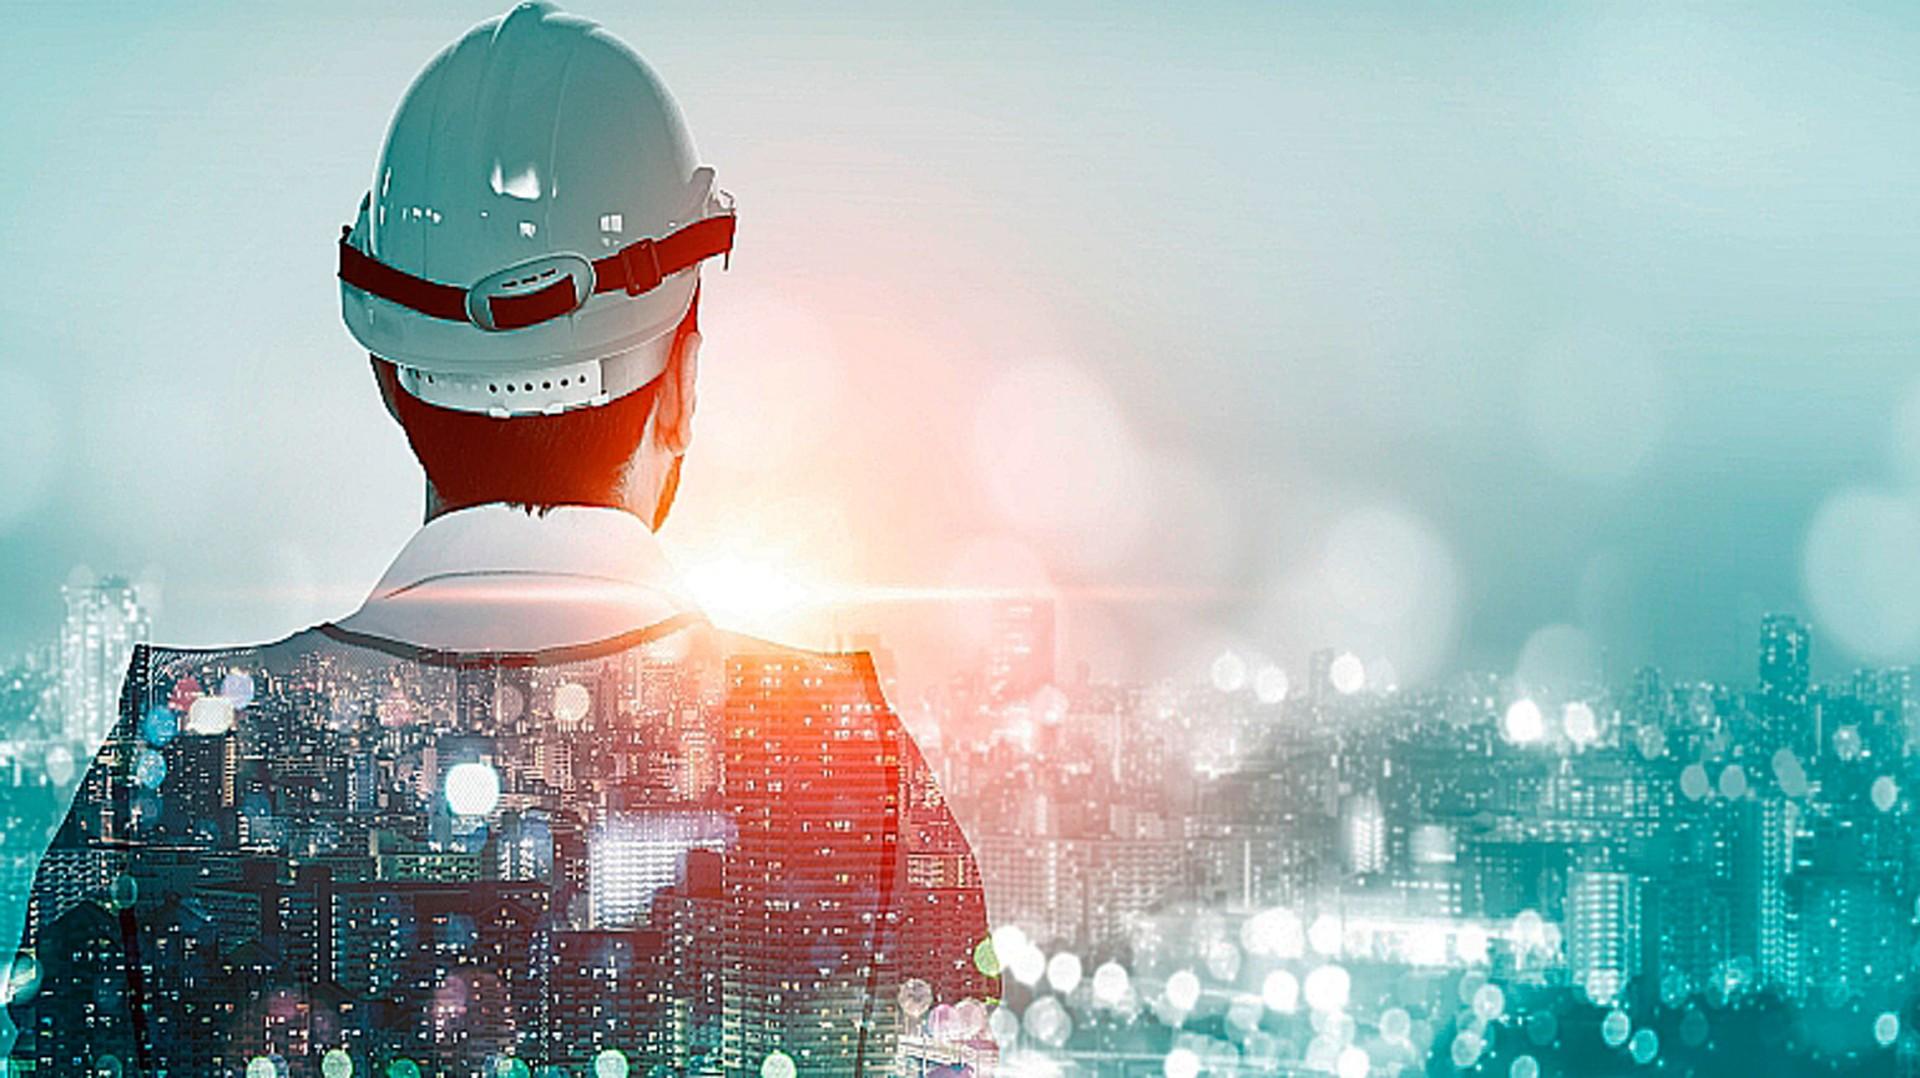 COVID-19 aproxima canteiro de obras do futuro e acelera a incorporação de processos inovadores na construção civil Crédito: Banco de Imagens